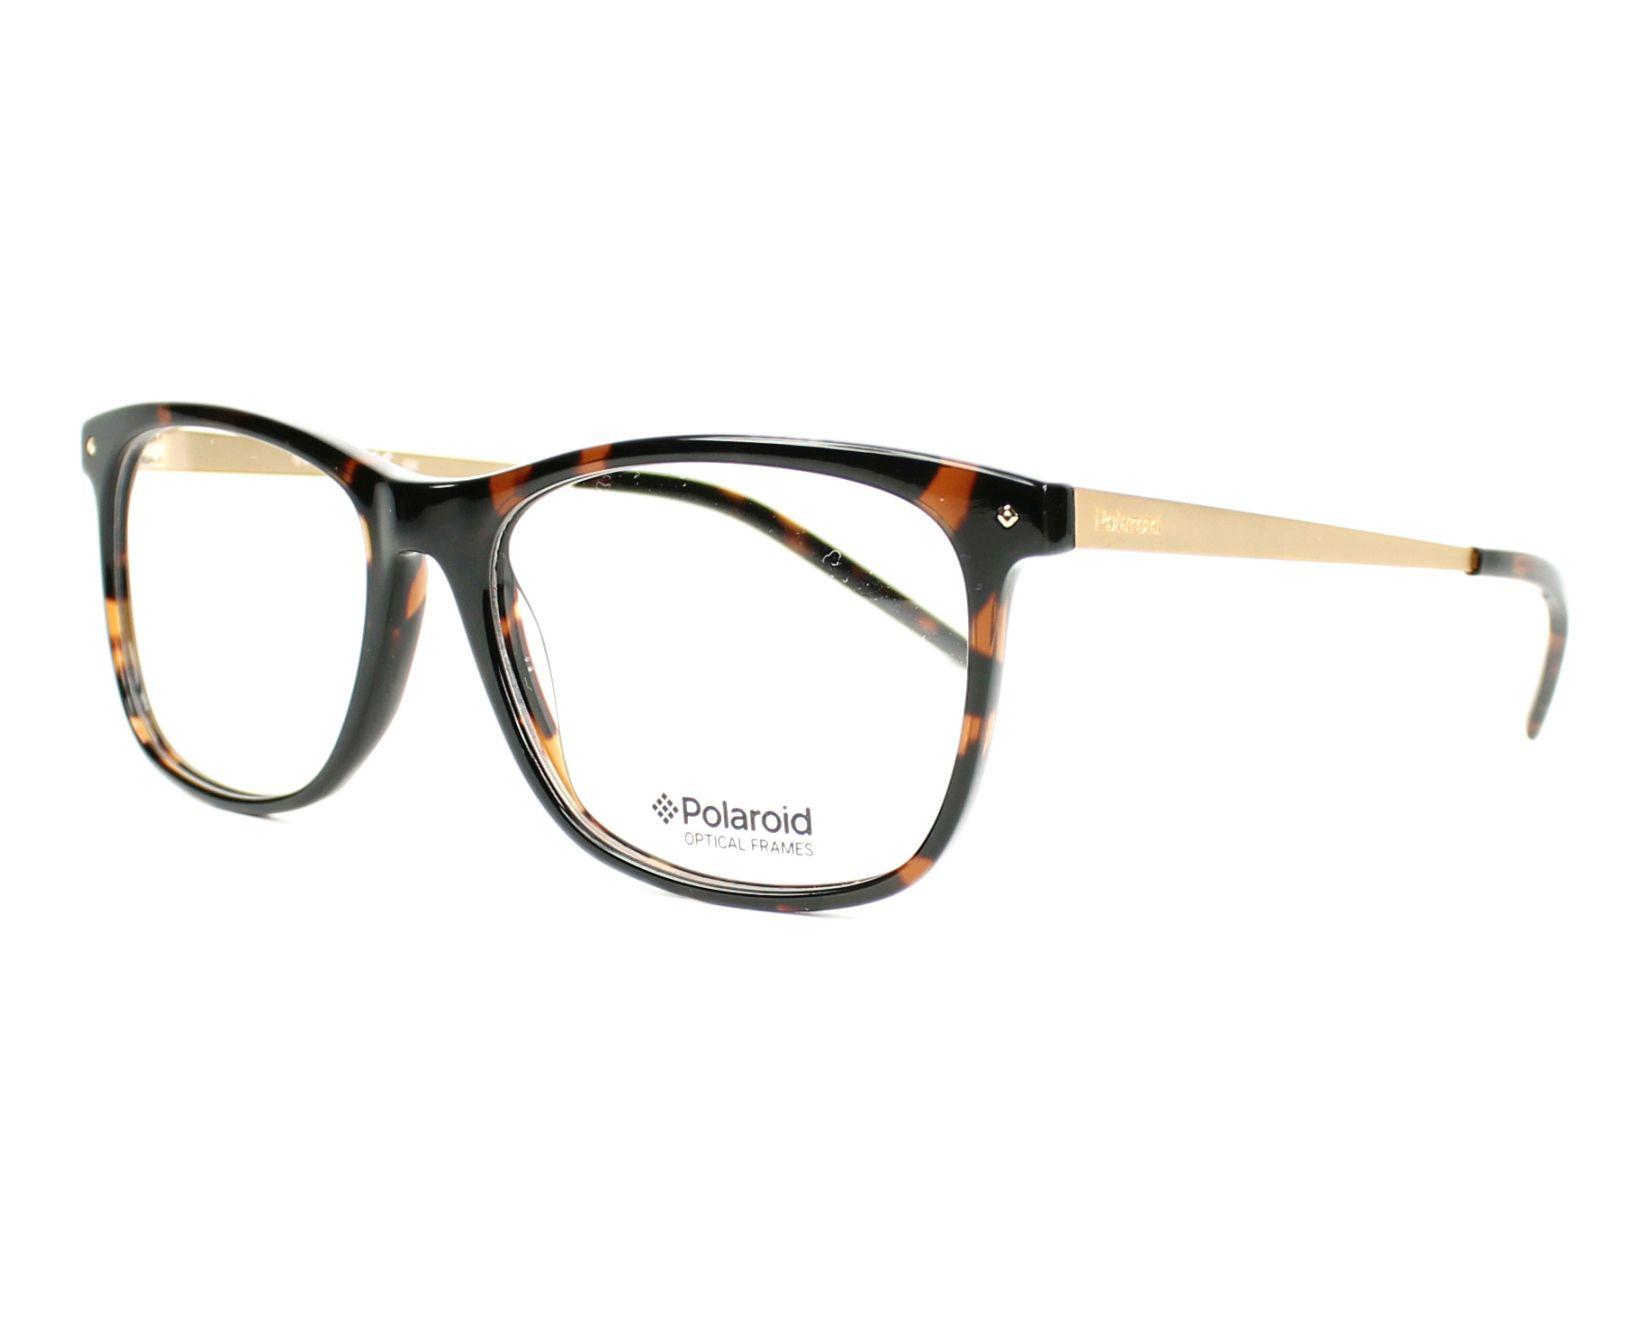 lunettes de vue polaroid pldd 308 1u2 pas cher opticiens fran ais visionet. Black Bedroom Furniture Sets. Home Design Ideas